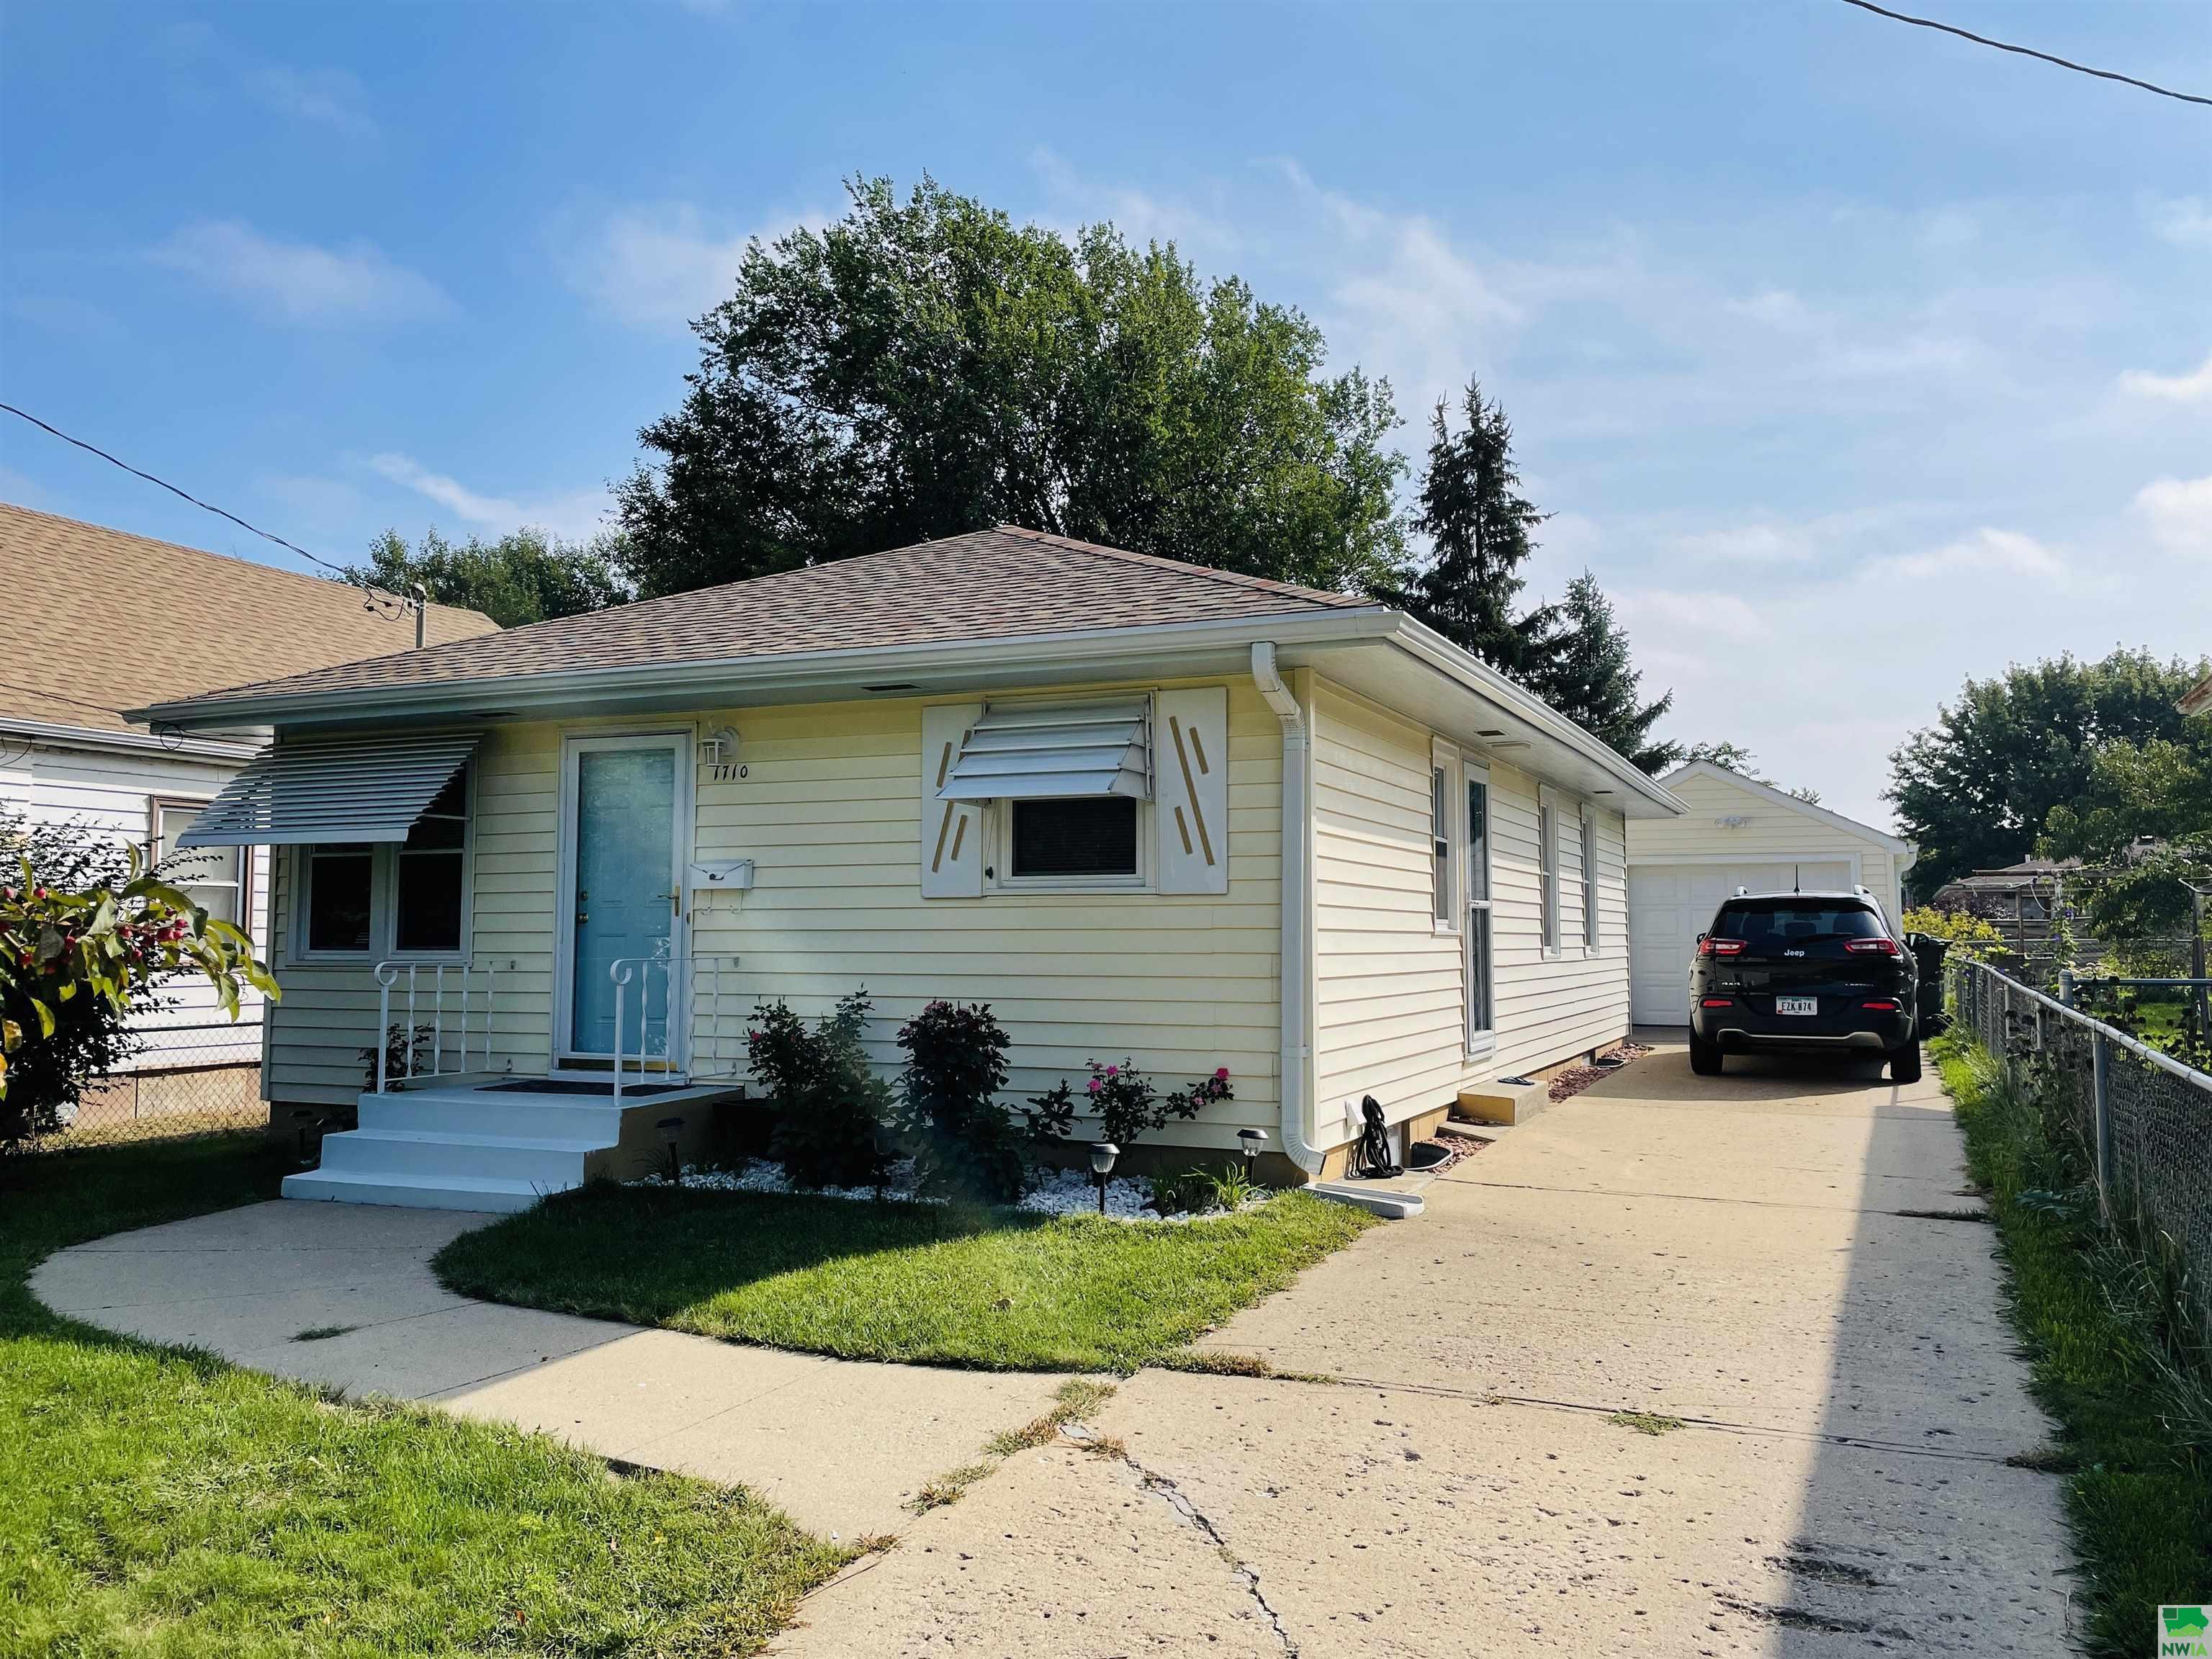 1710 Alice St. S, Sioux City, Iowa 51106